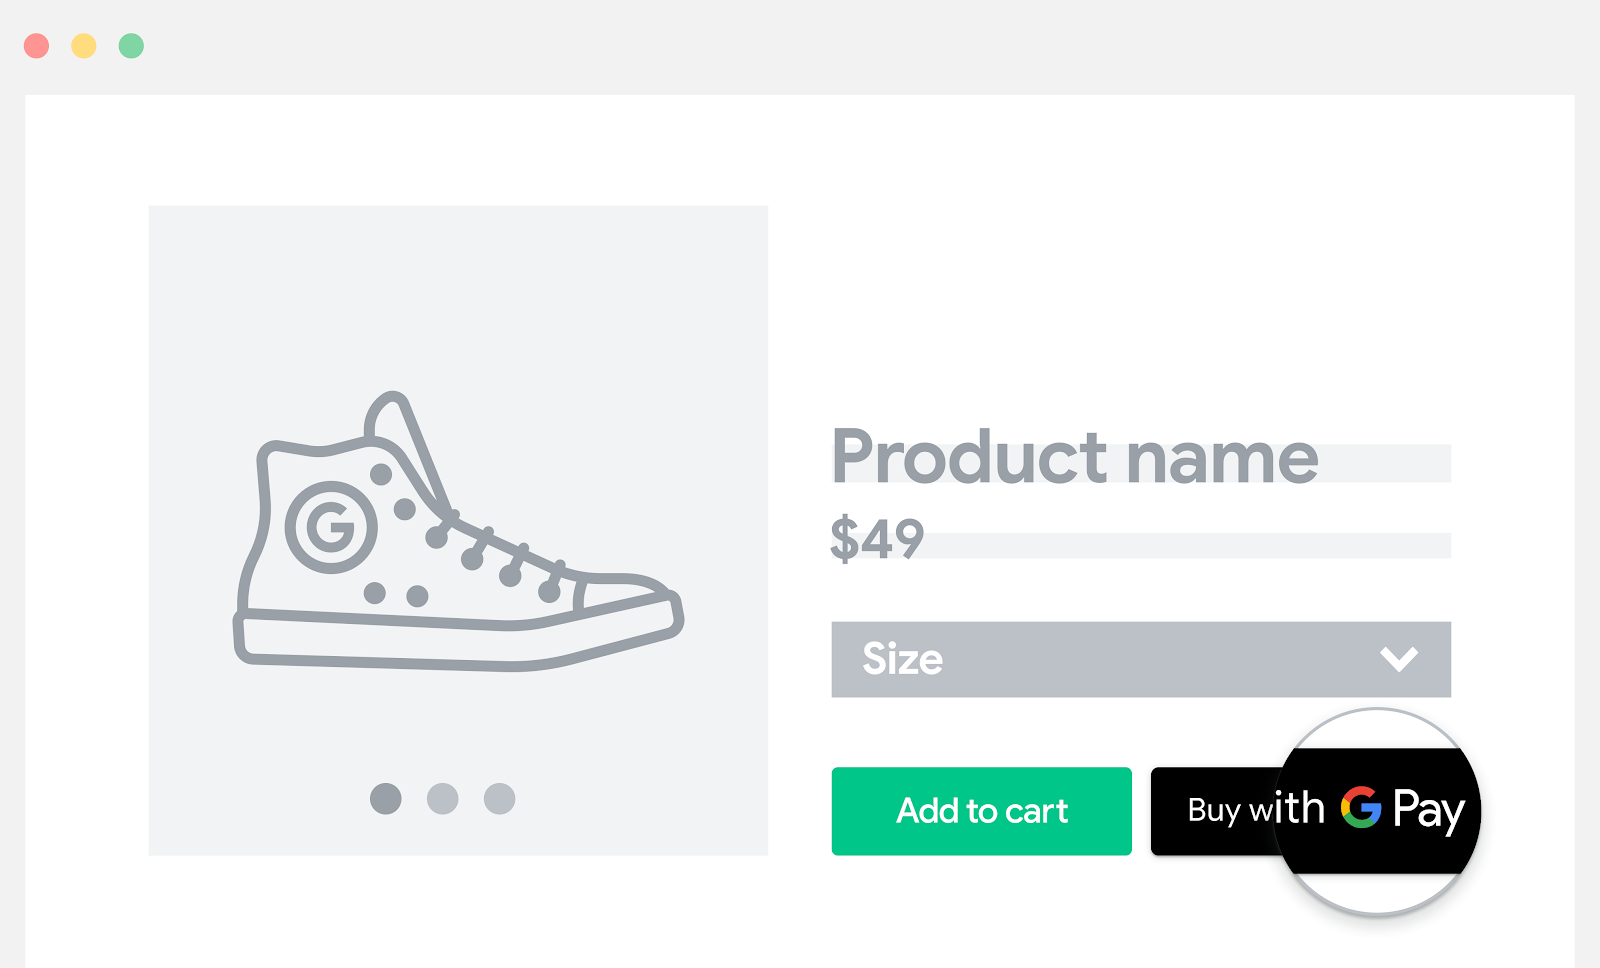 将 Google Pay 添加到商品页面。